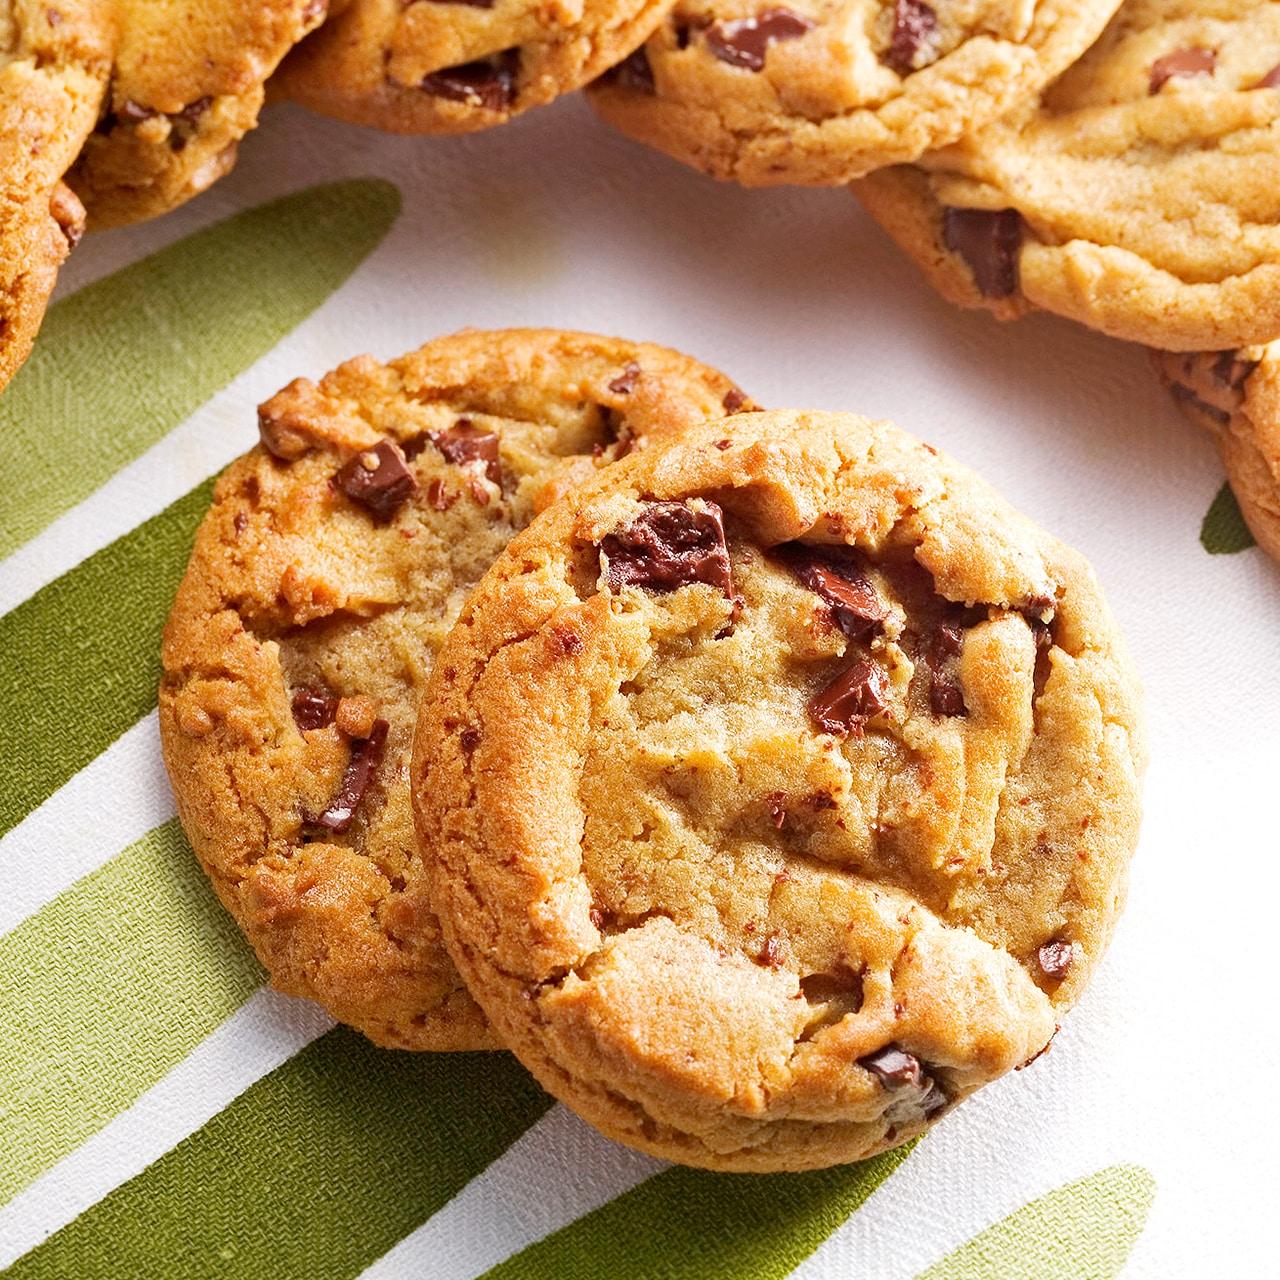 チャンク クッキー チョコ スタバのクッキーが「カントリーマアム」っぽいと思い調べたところ…驚きの事実が発覚!